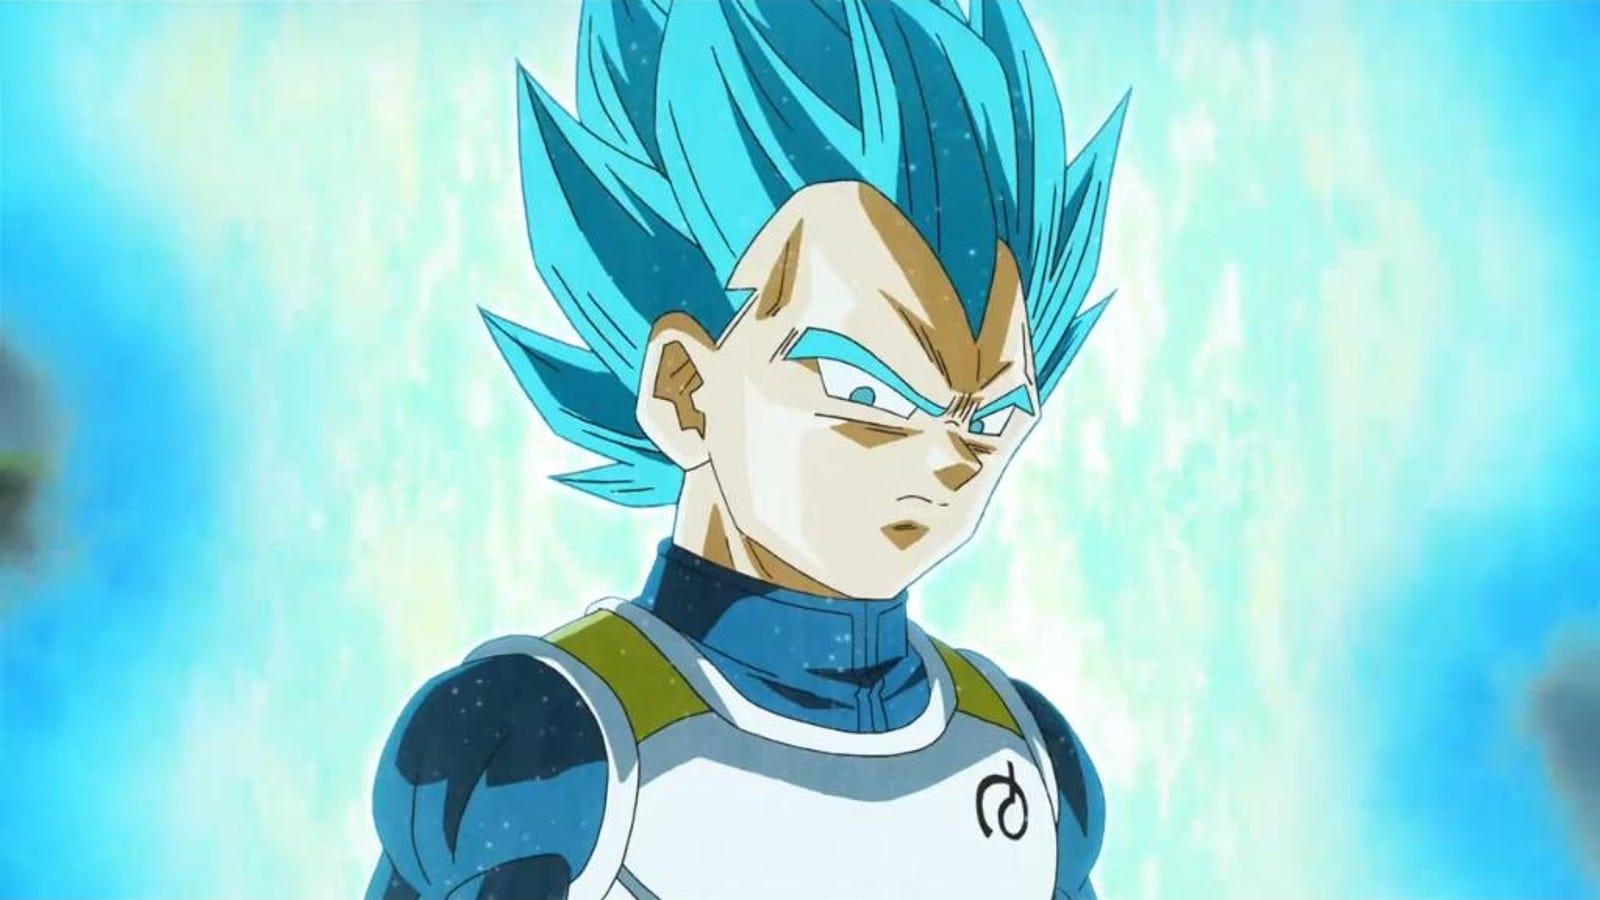 La Ultima Transformacion De Goku Y Vegeta Tiene Nuevo Nombre Un